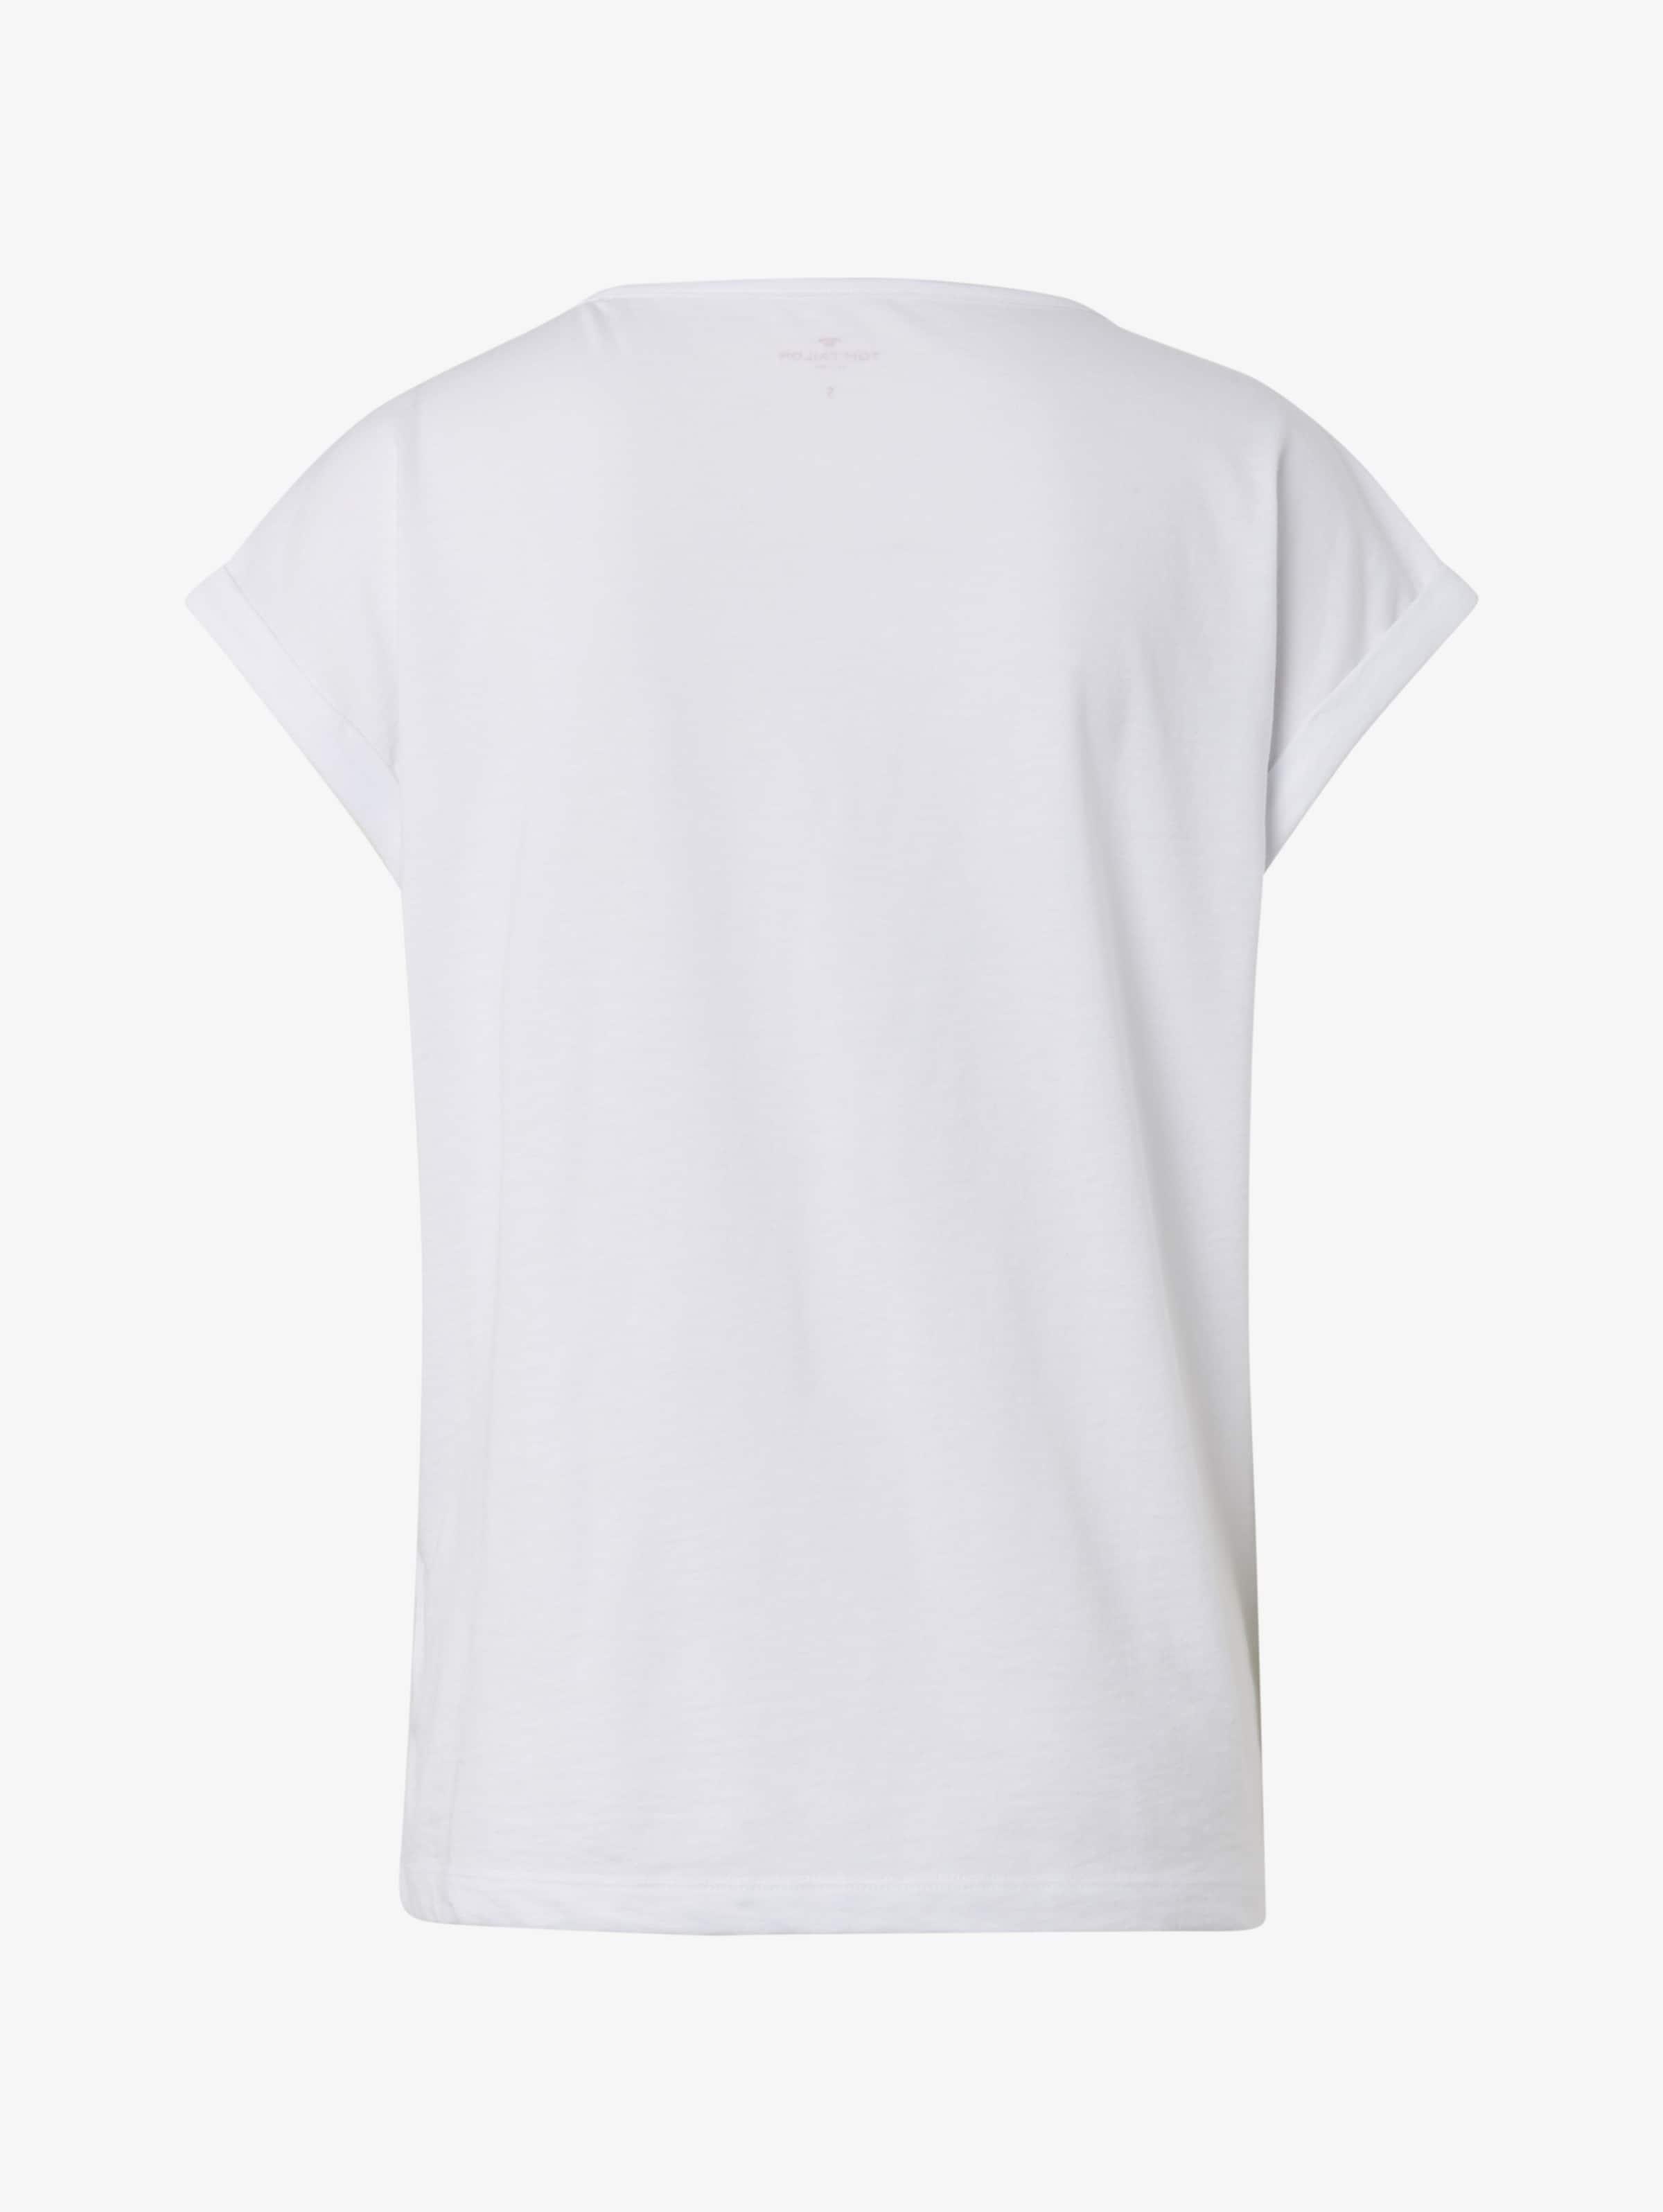 Tailor 'slogan Tee' Print Blanc Tom En T shirt OXPukZi